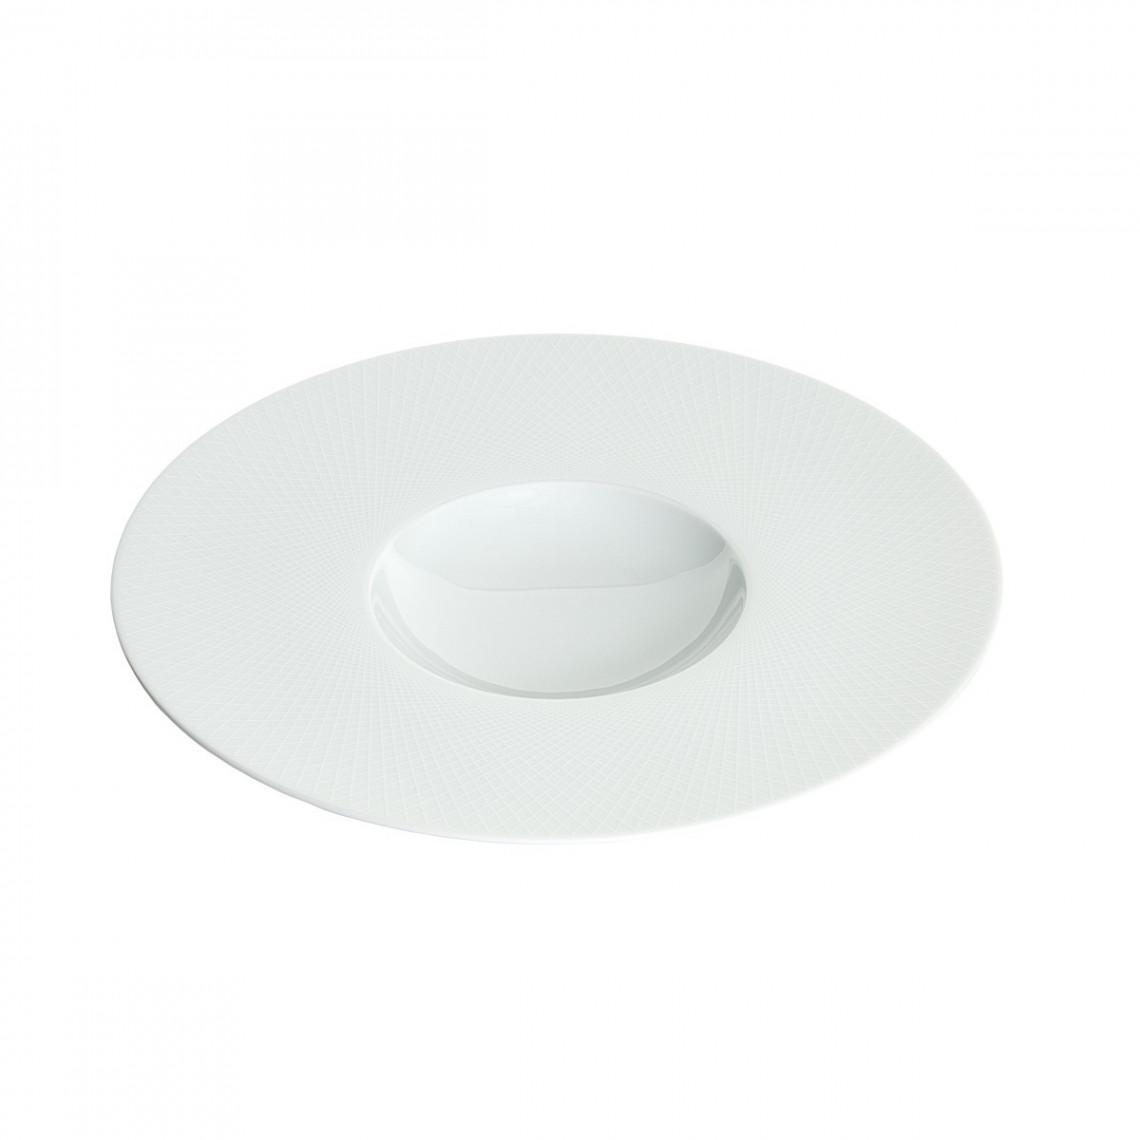 Assiette repas Graphic blanche (Ø27